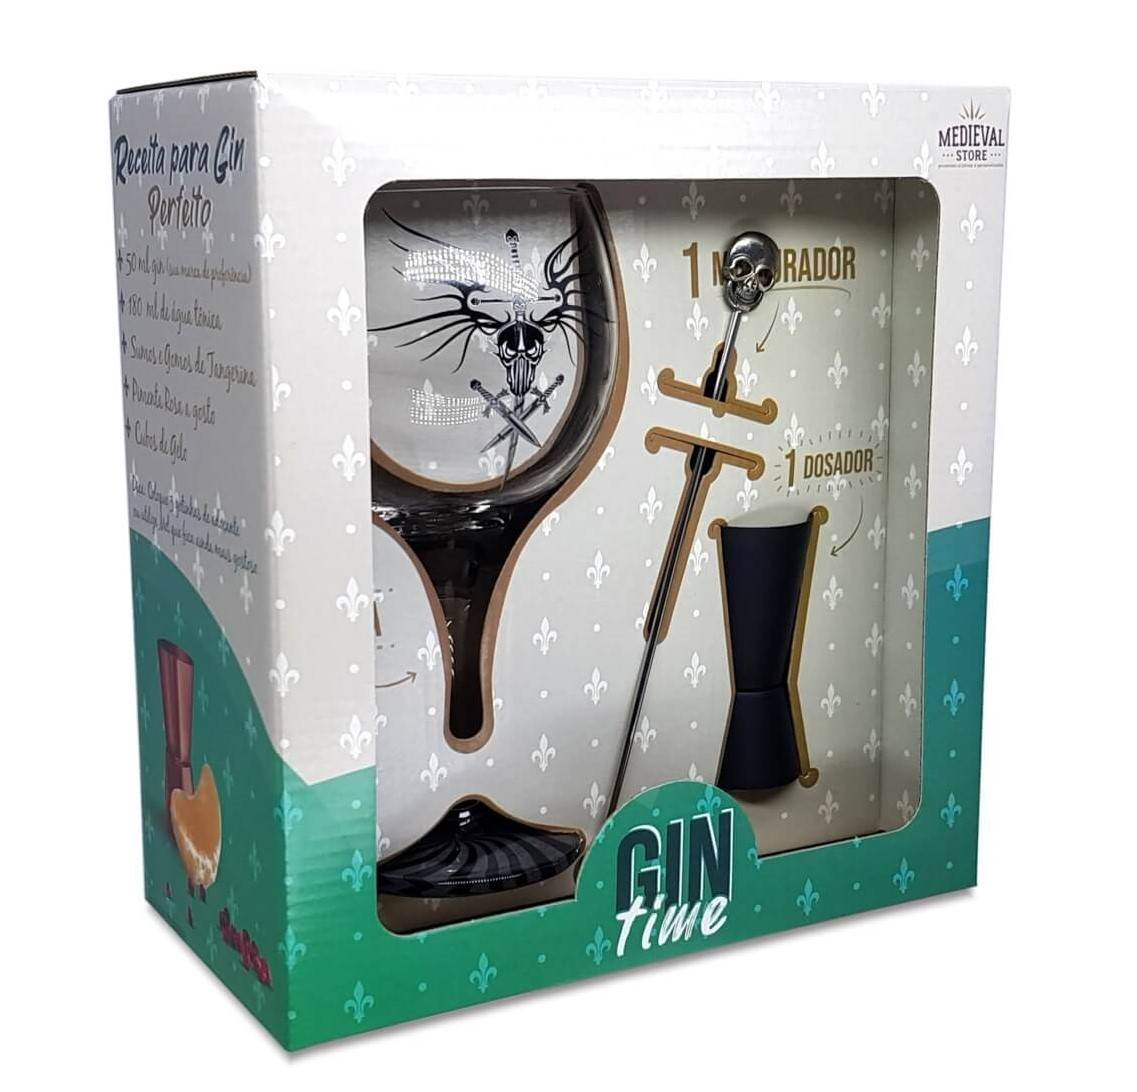 Kit Gin Time Taça Adaga + Dosador e Mexedor caixa presente